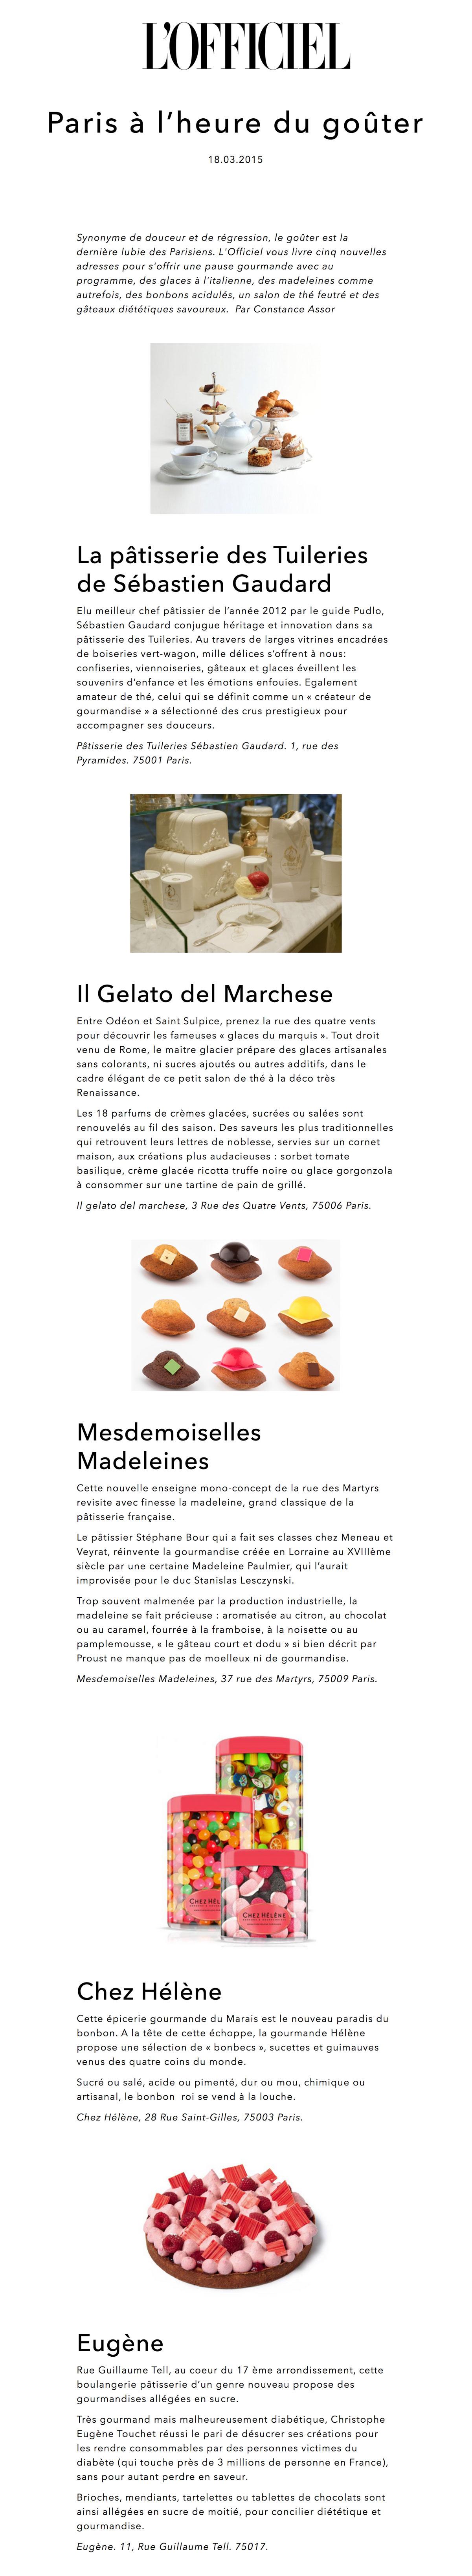 lofficiel-paris-a-lheure-du-gouter-032015